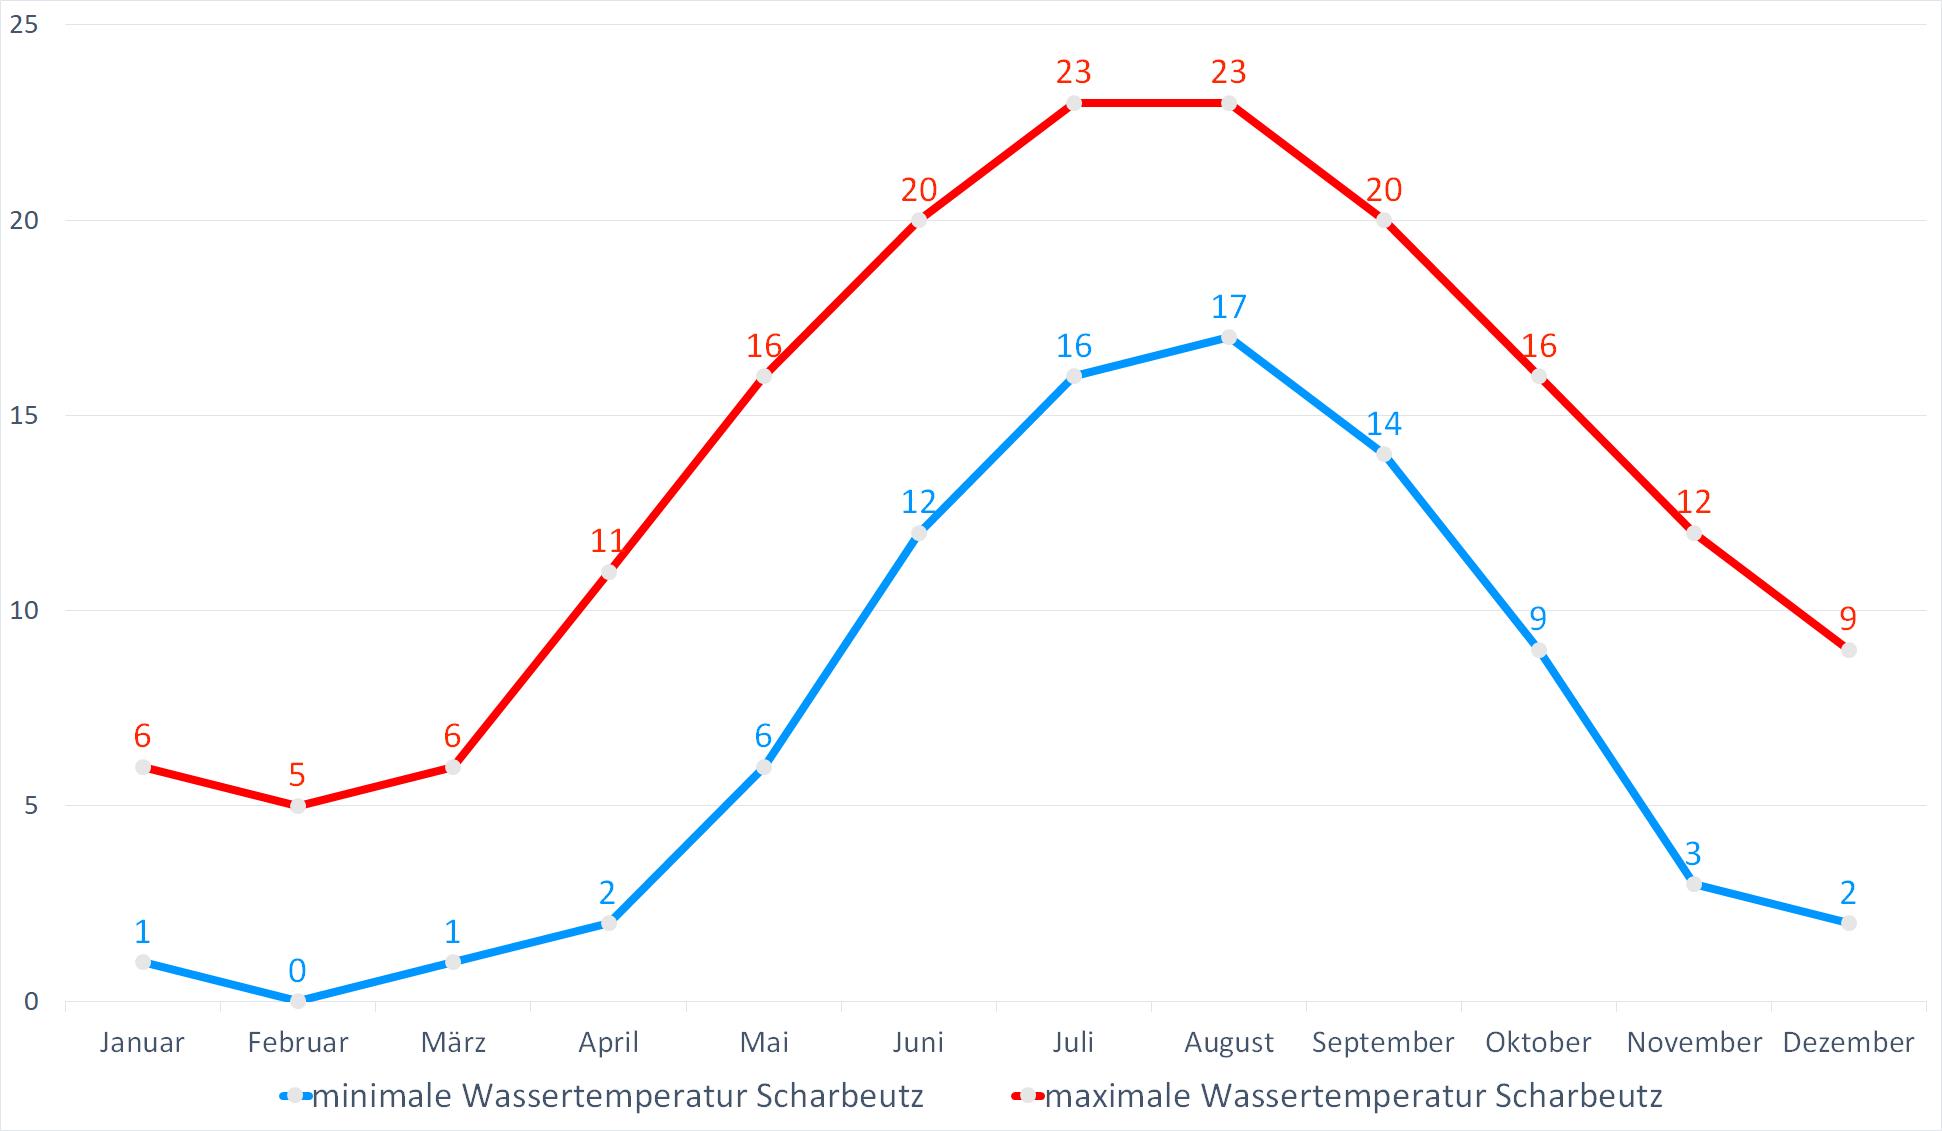 Minimale & Maximale Wassertemperaturen für Scharbeutz im Jahresverlauf